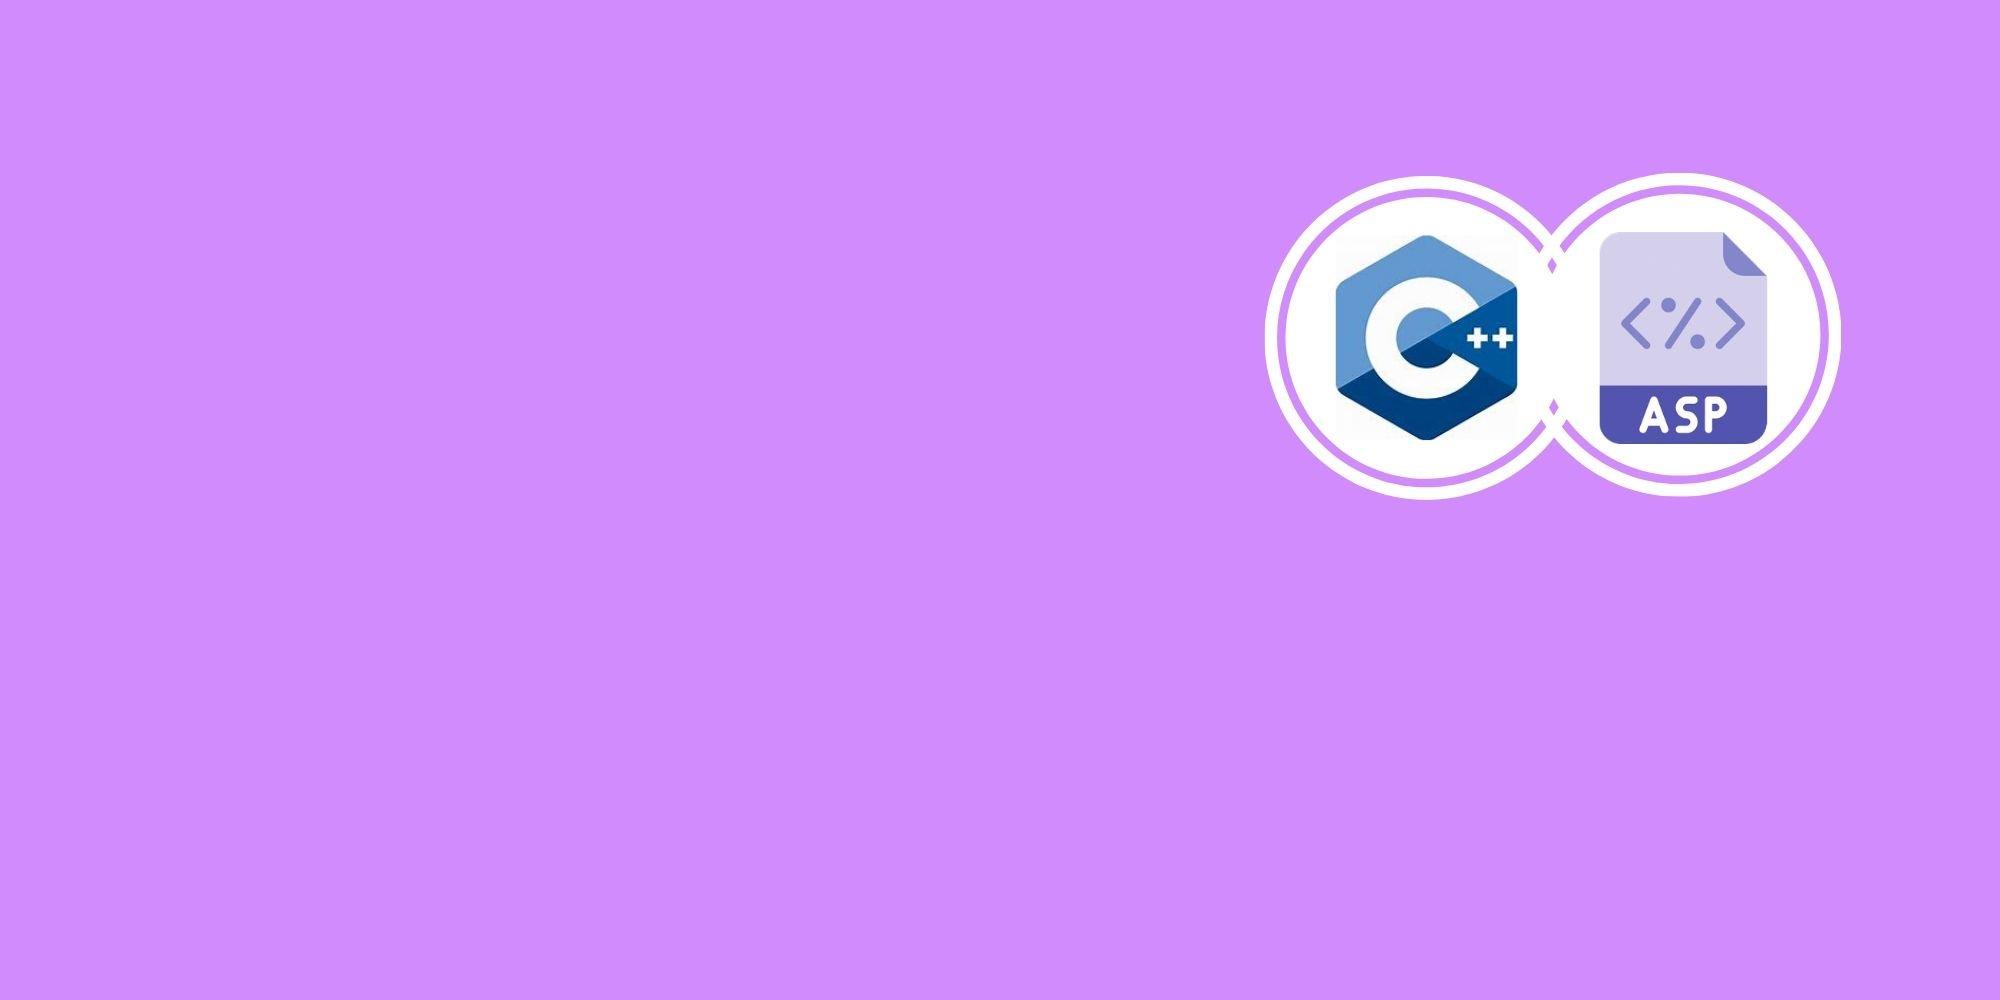 asp.net-web-api-essentials-using-c#-training